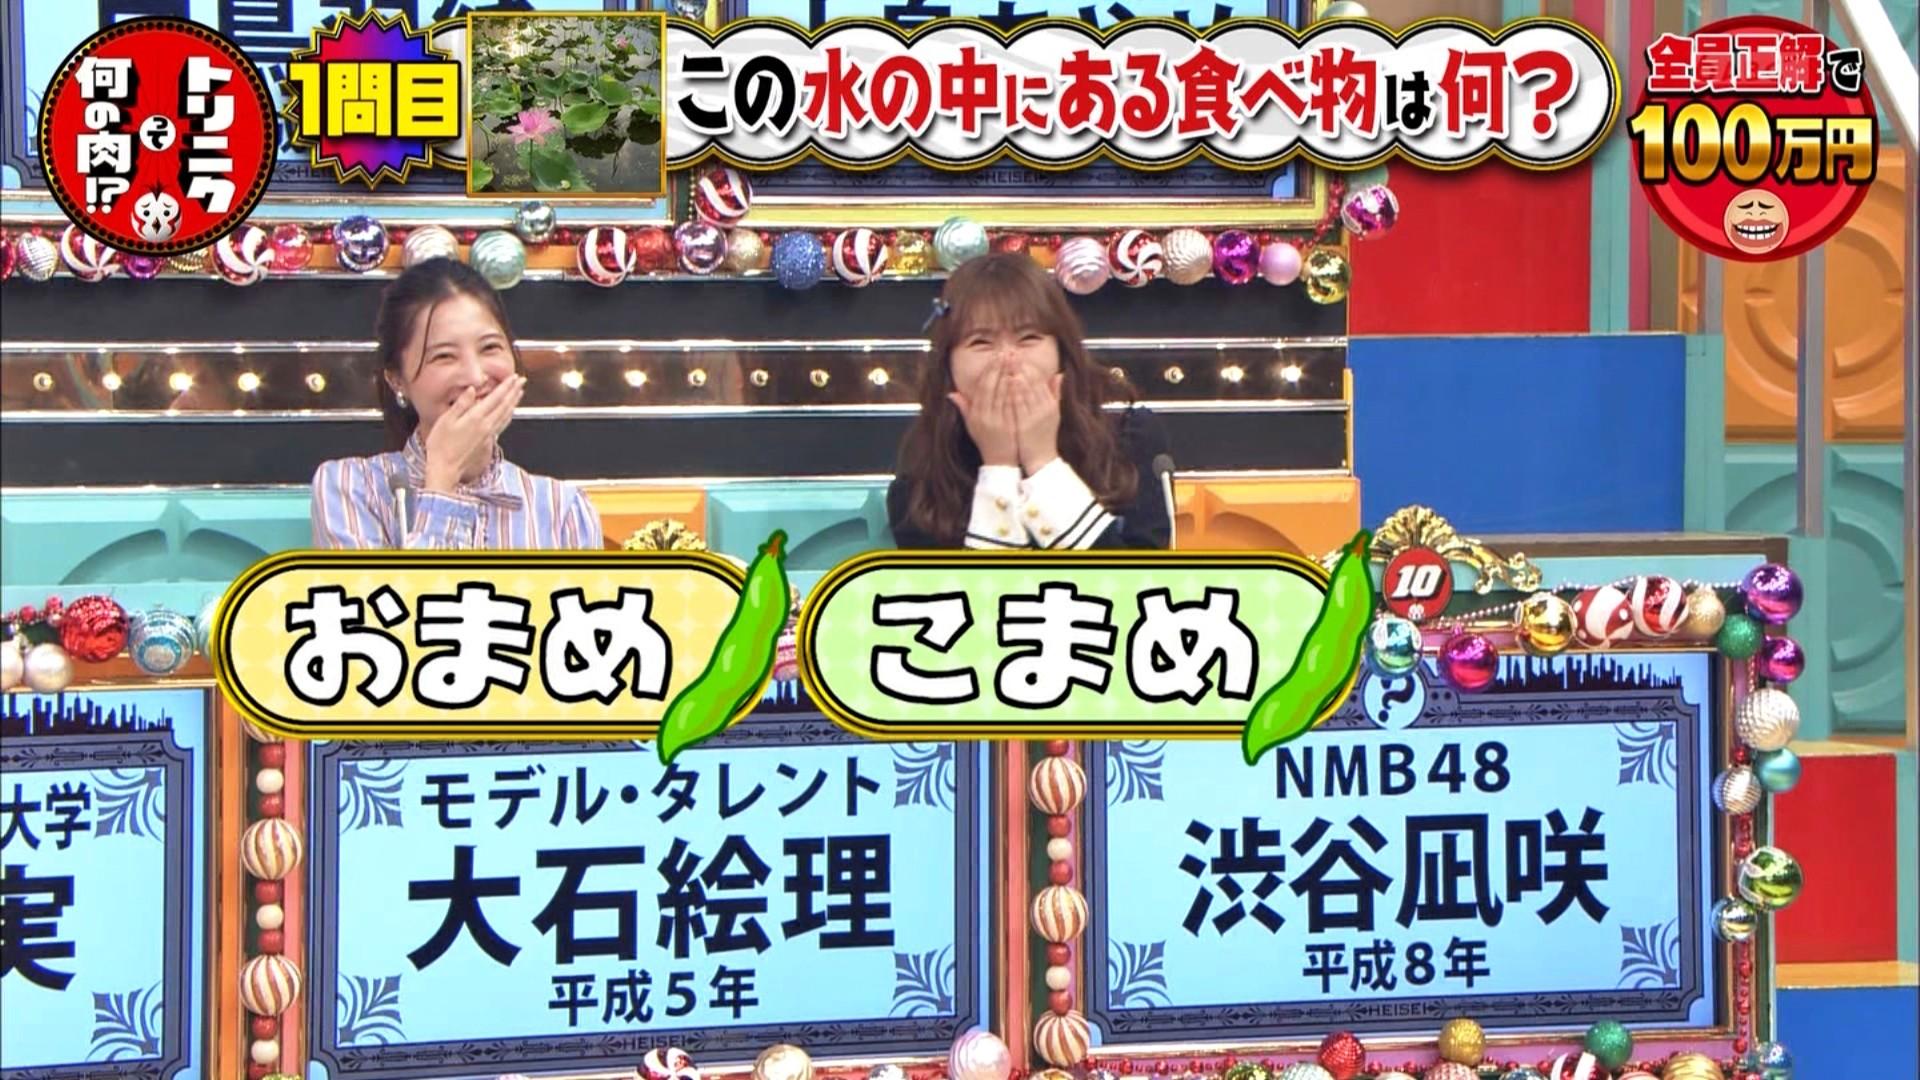 【渋谷凪咲/山田菜々】なぎさ・ななたん出演 11月26日放送「トリニクって何の肉!?」の画像。